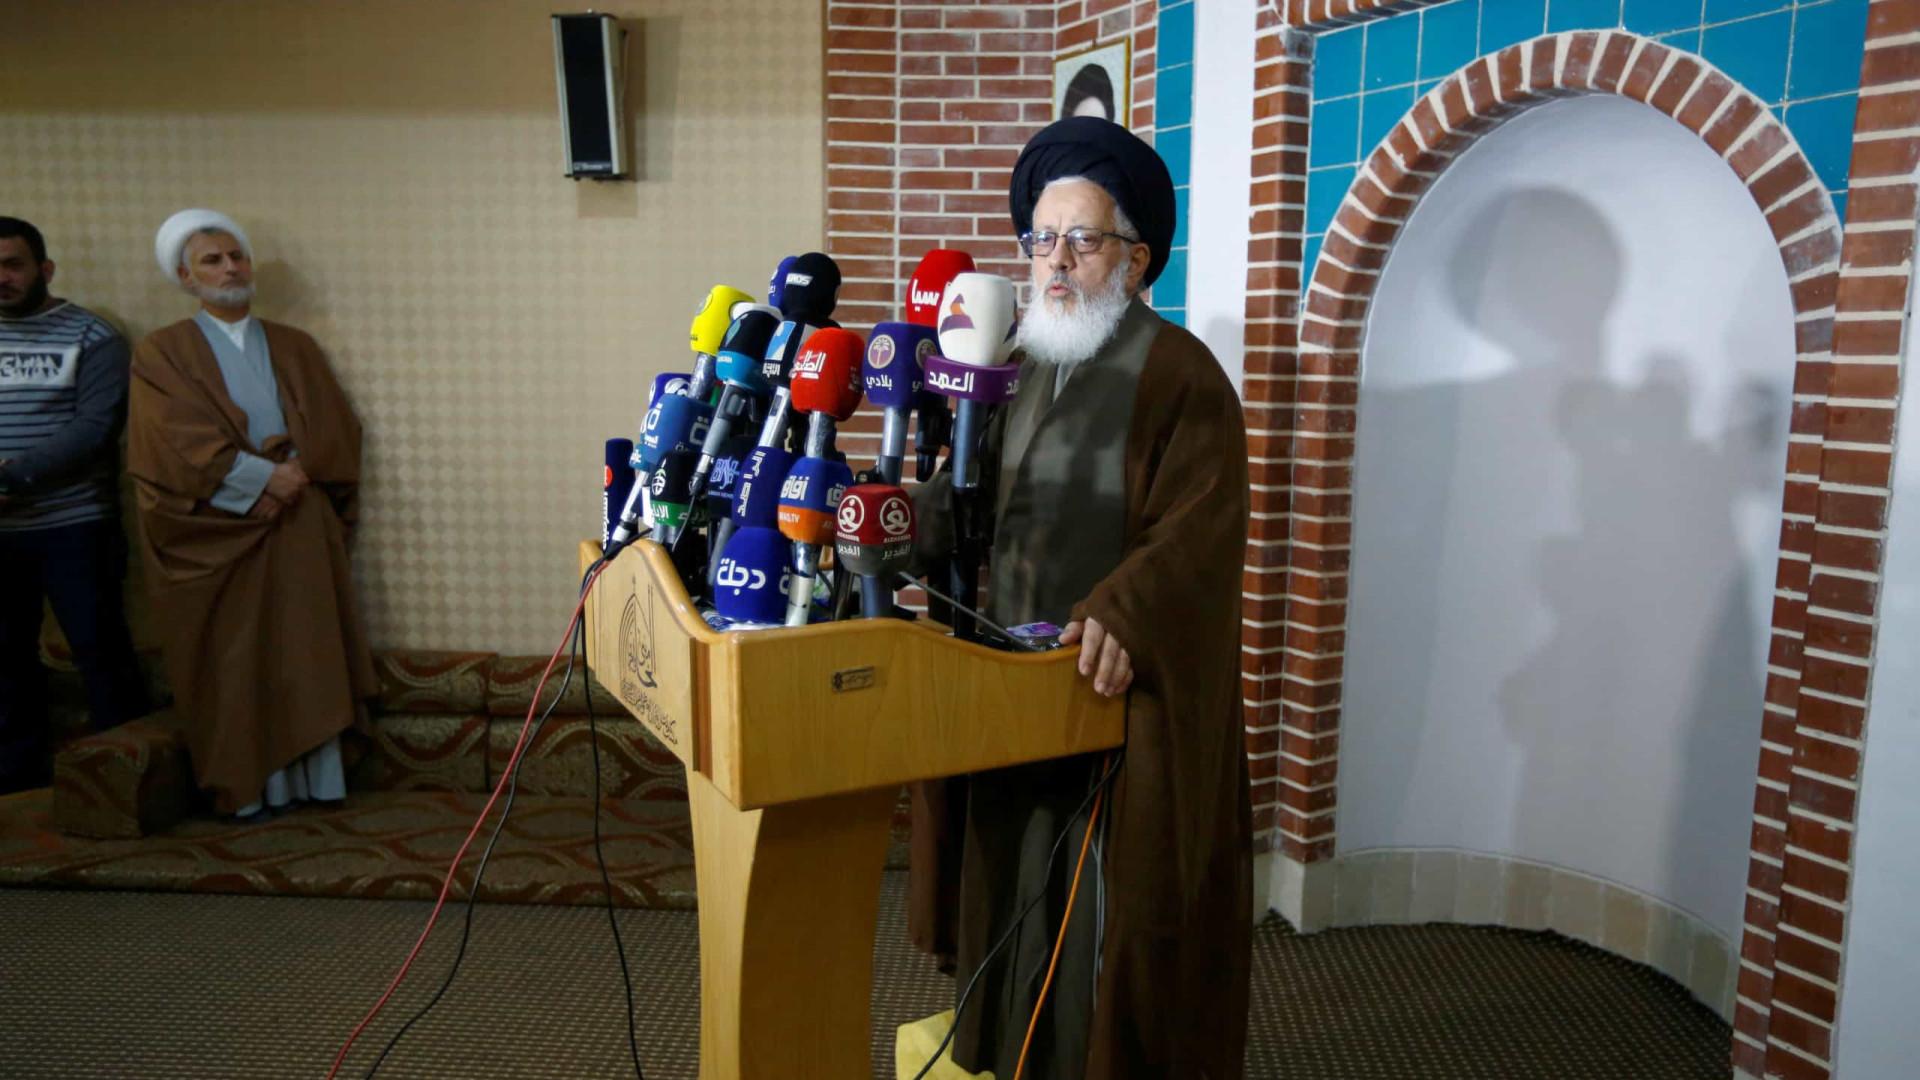 Ataque no Iraque foi 'tapa na cara' dos EUA, diz líder supremo do Irã